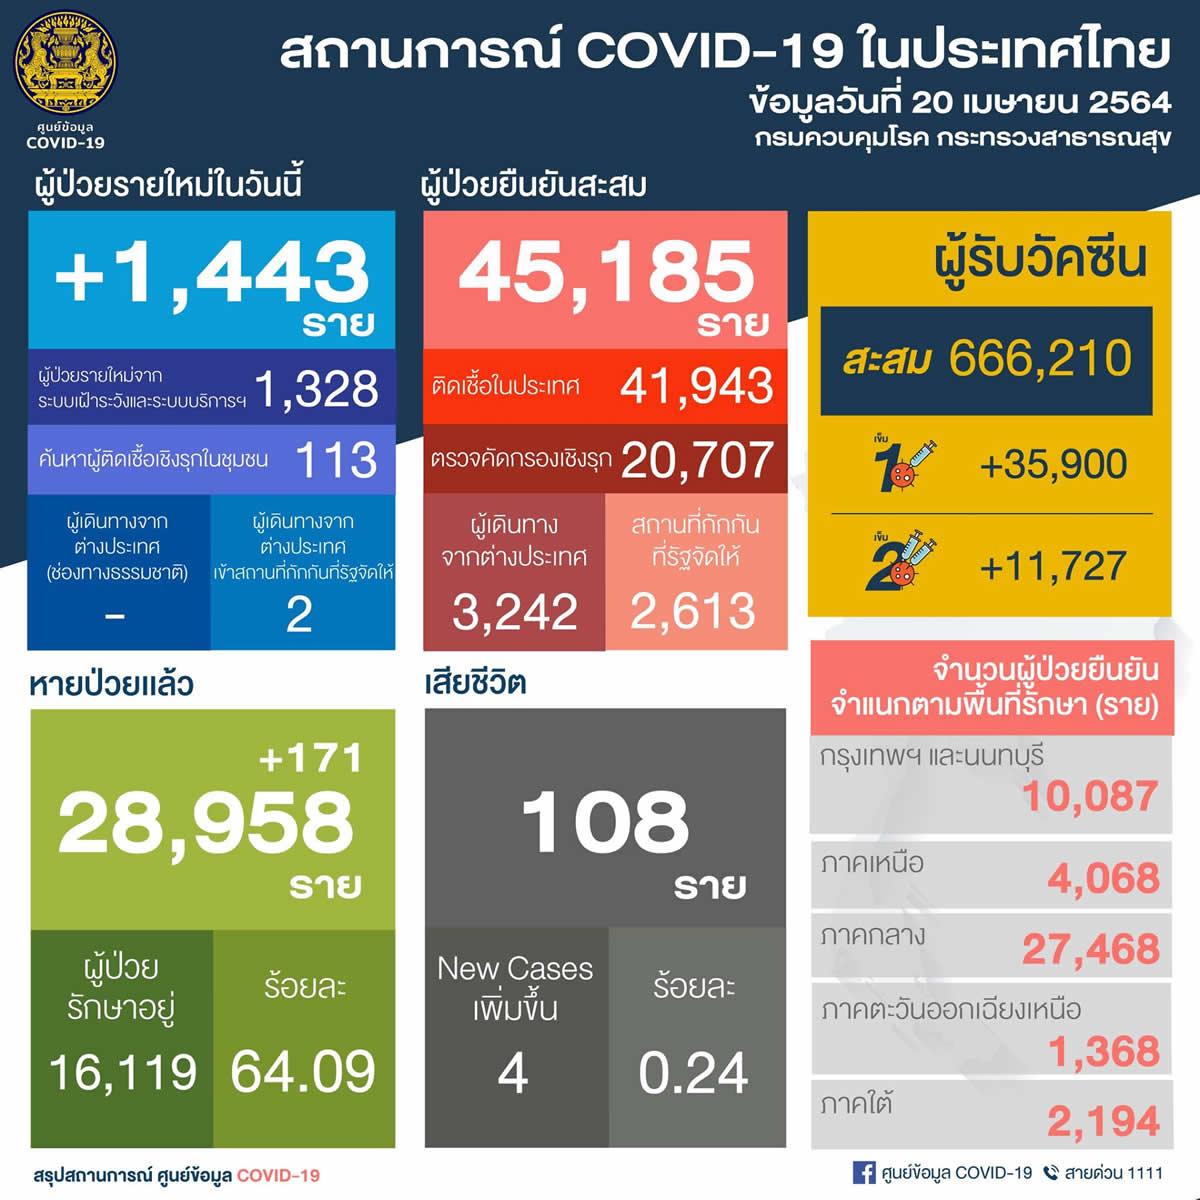 タイ国内感染1,441人/バンコク350人/4人死亡[2021年4月20日発表]